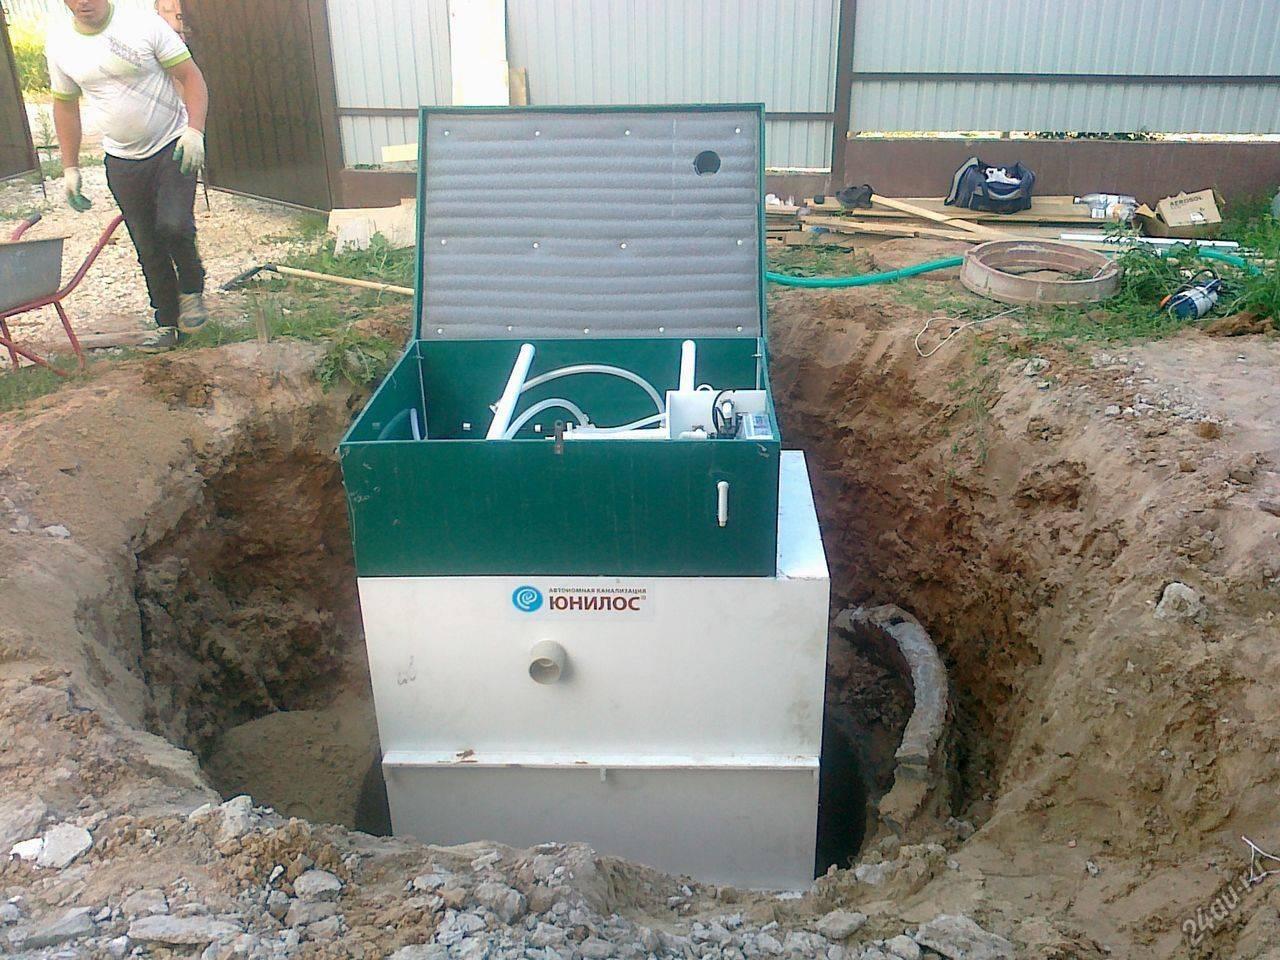 Юнилос: принцип работы автономной канализации частного дома, технология очистки стоков, видео и фото